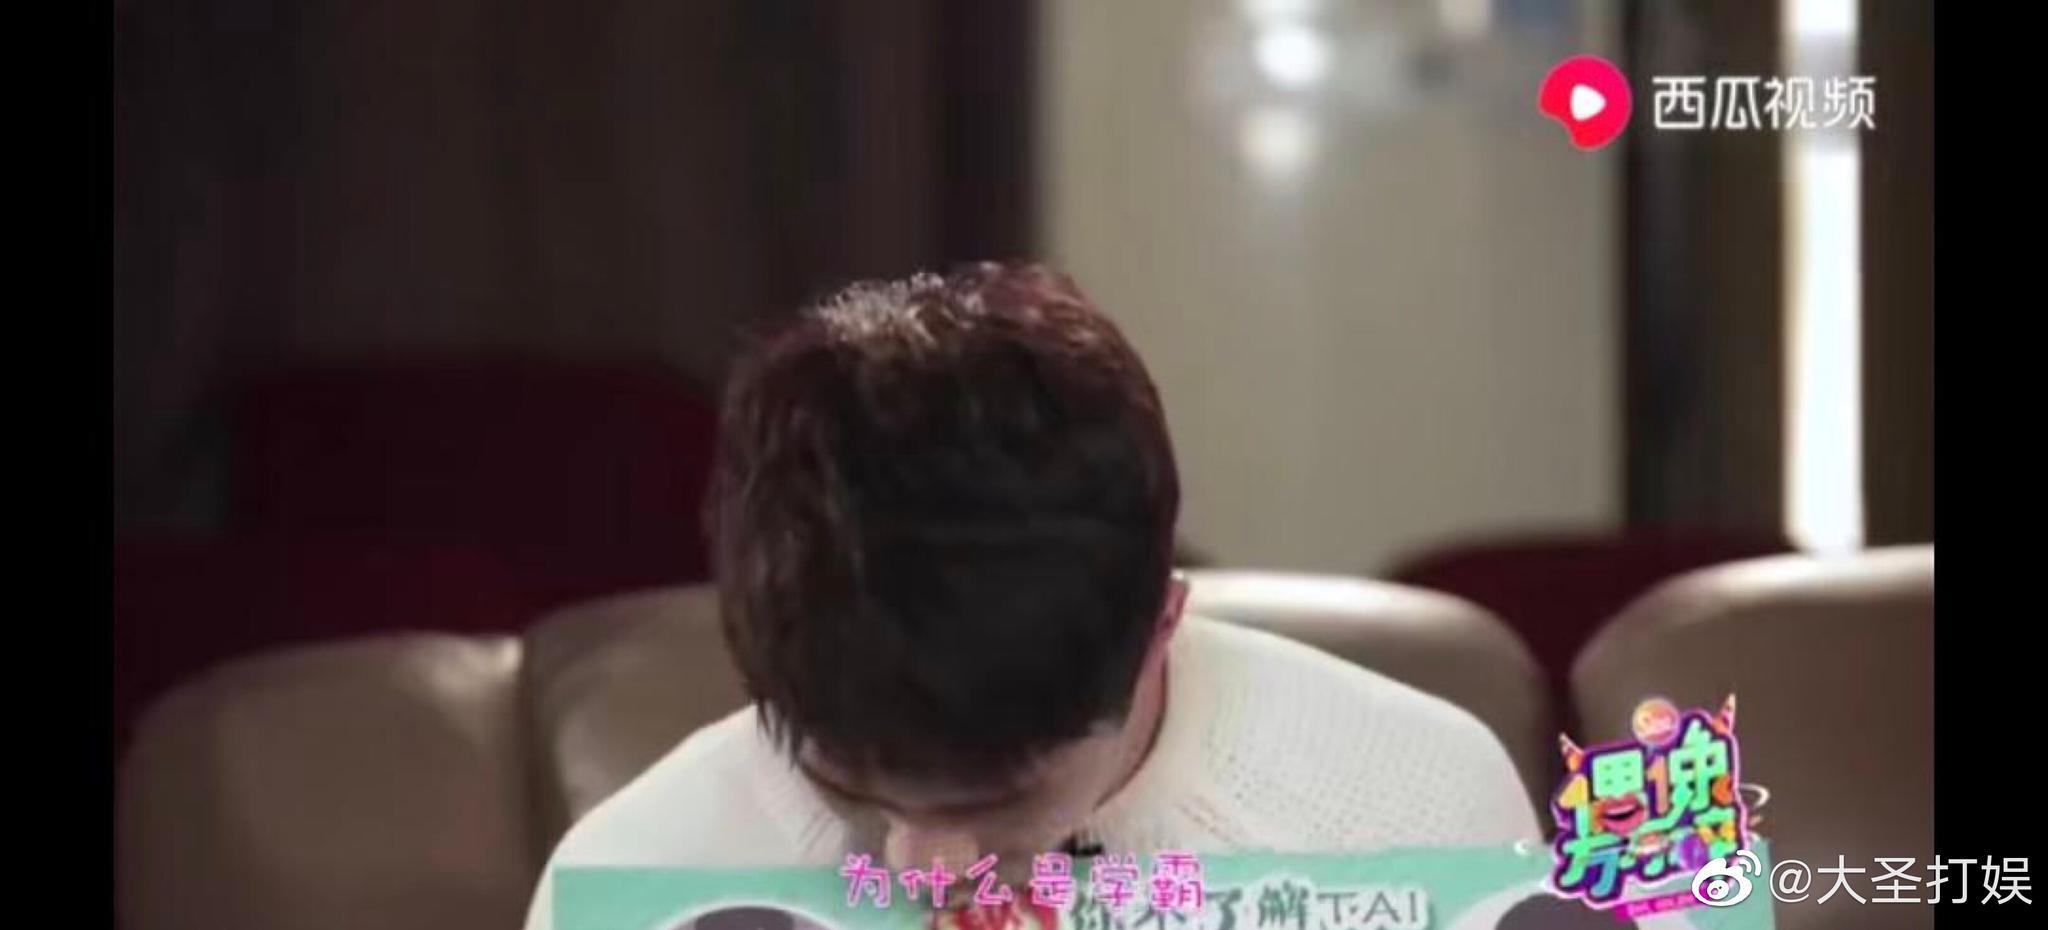 刘昊然说高考数学能考高分全靠王宝强辅导宝强哥原来是深藏不露的大学